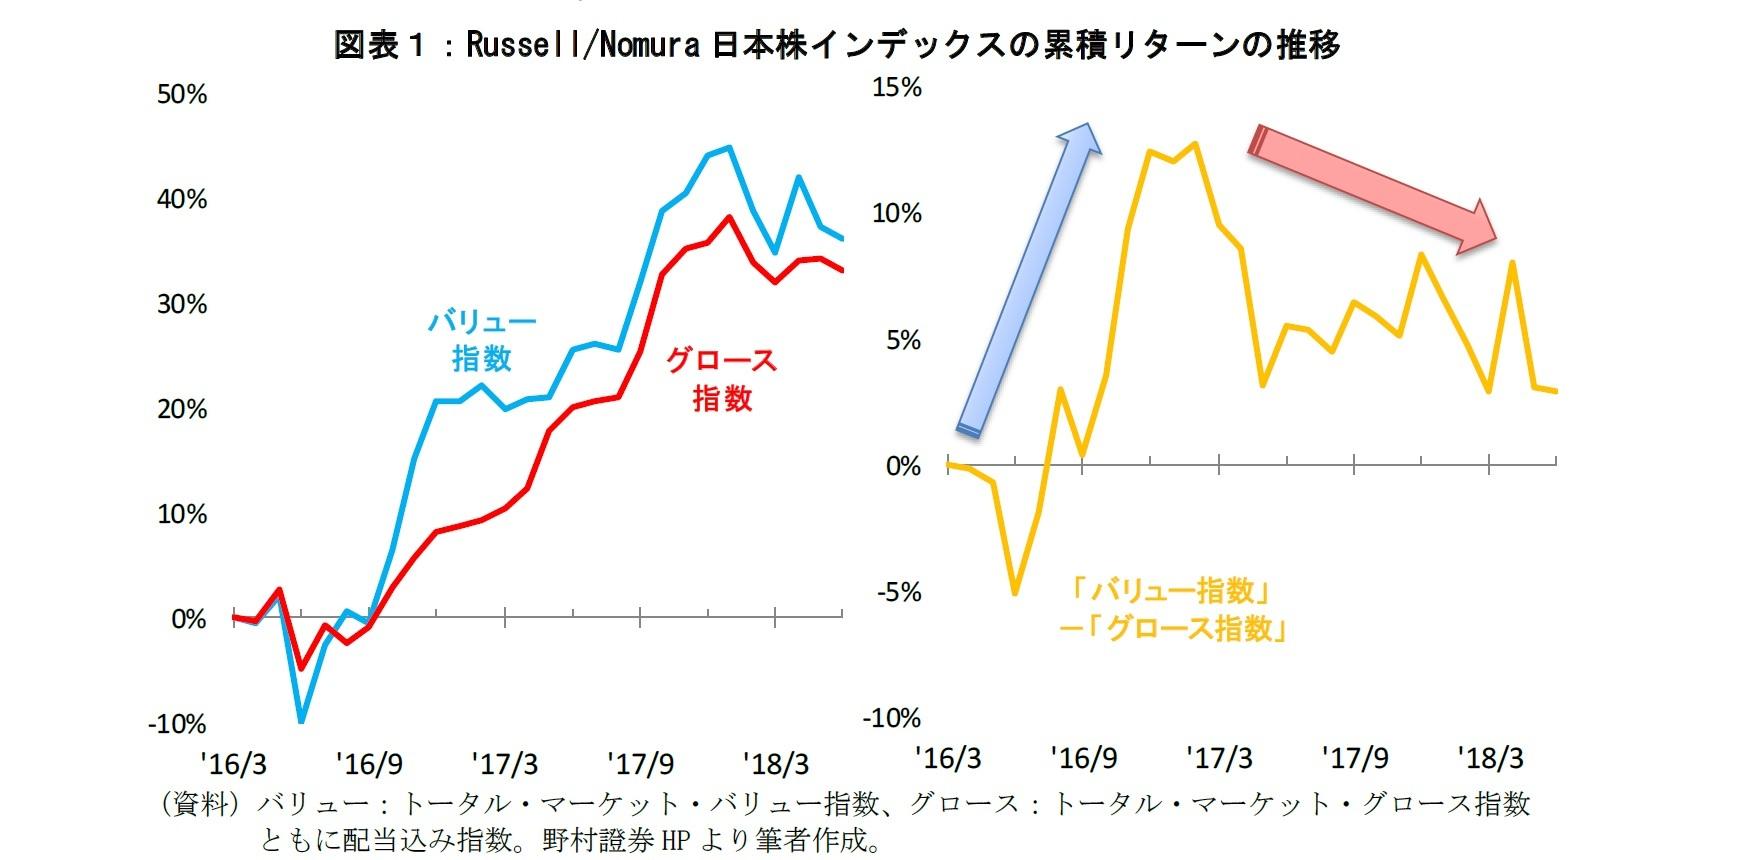 図表1:Russell/Nomura 日本株インデックスの累積リターンの推移